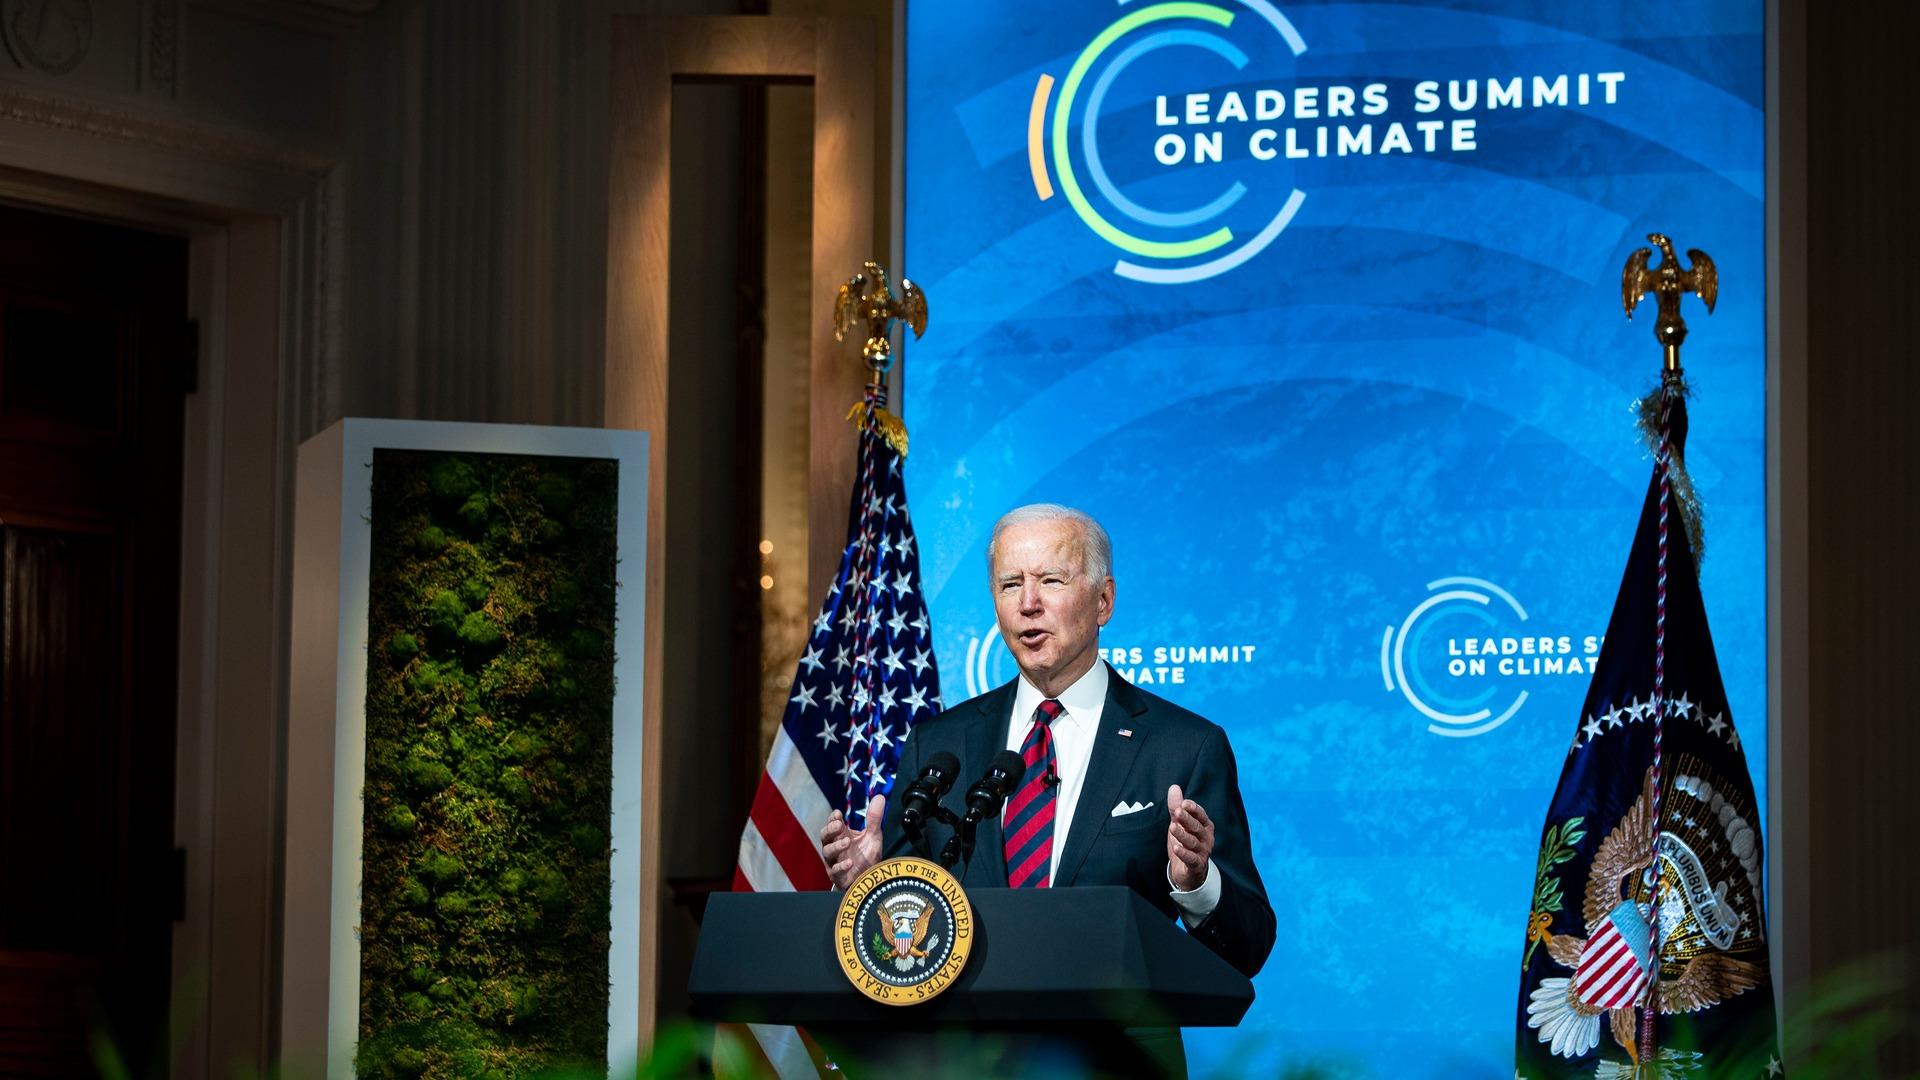 Stati Uniti, tornano in vigore i limiti imposti da Obama sulle emissioni di metano